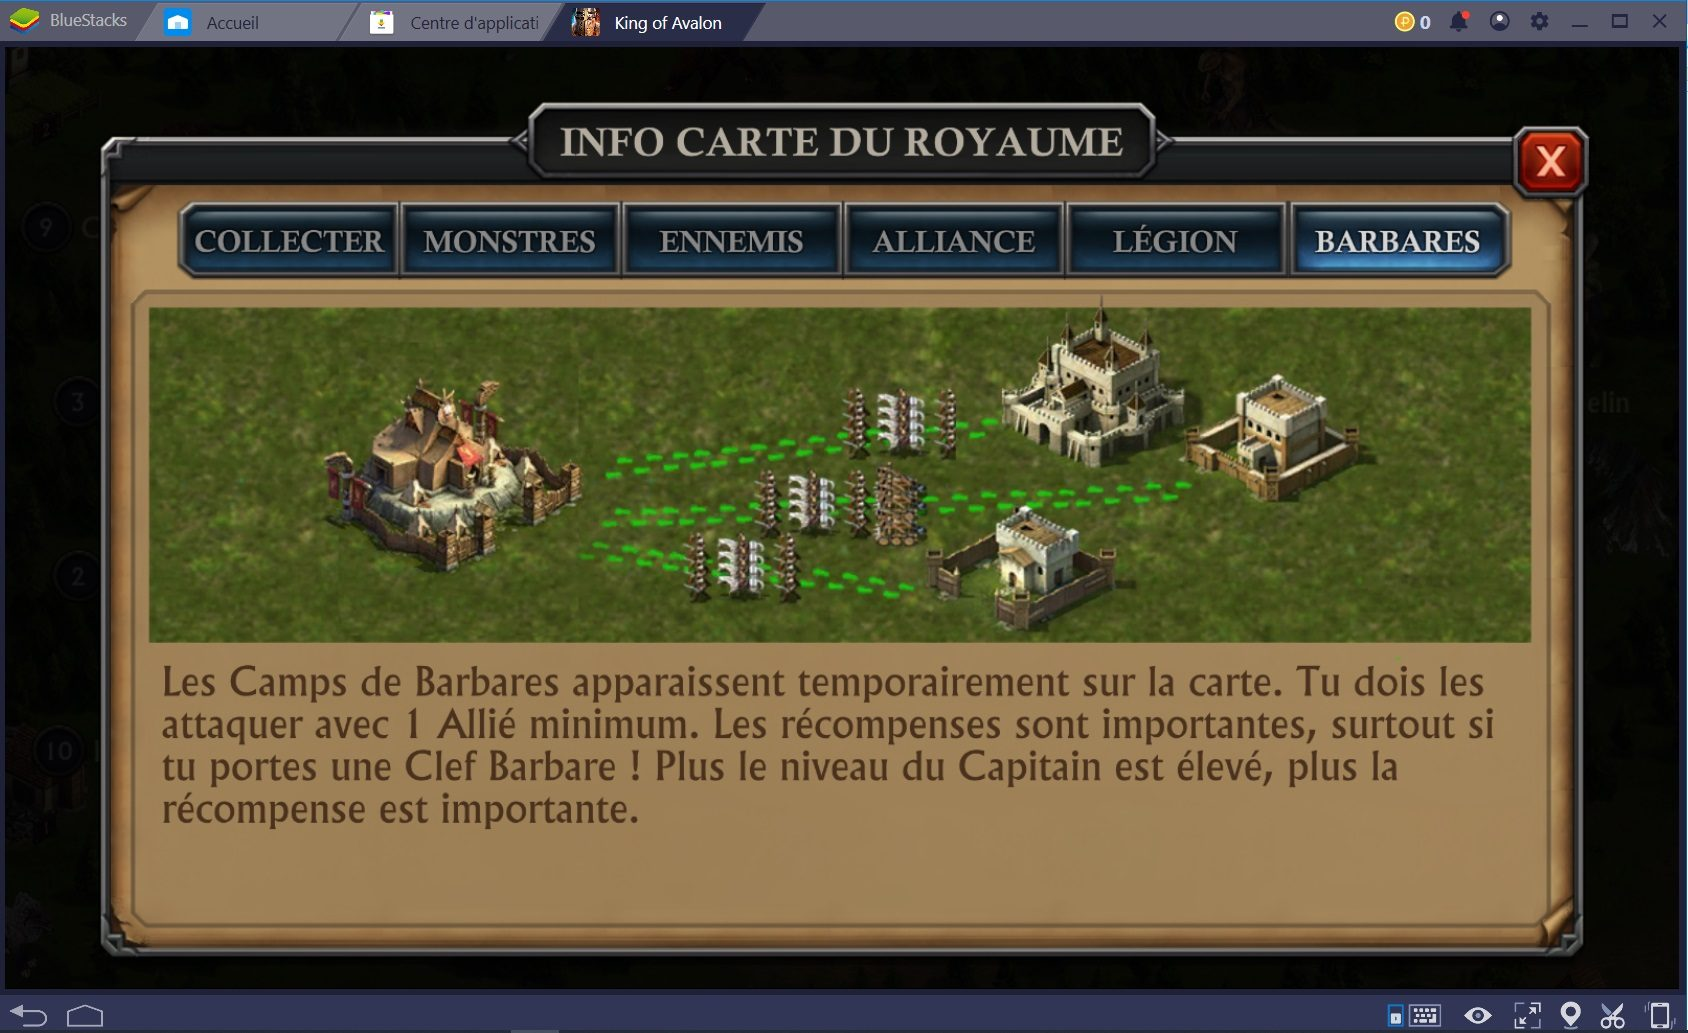 Le guide ultime de la gestion des ressources dans King of Avalon